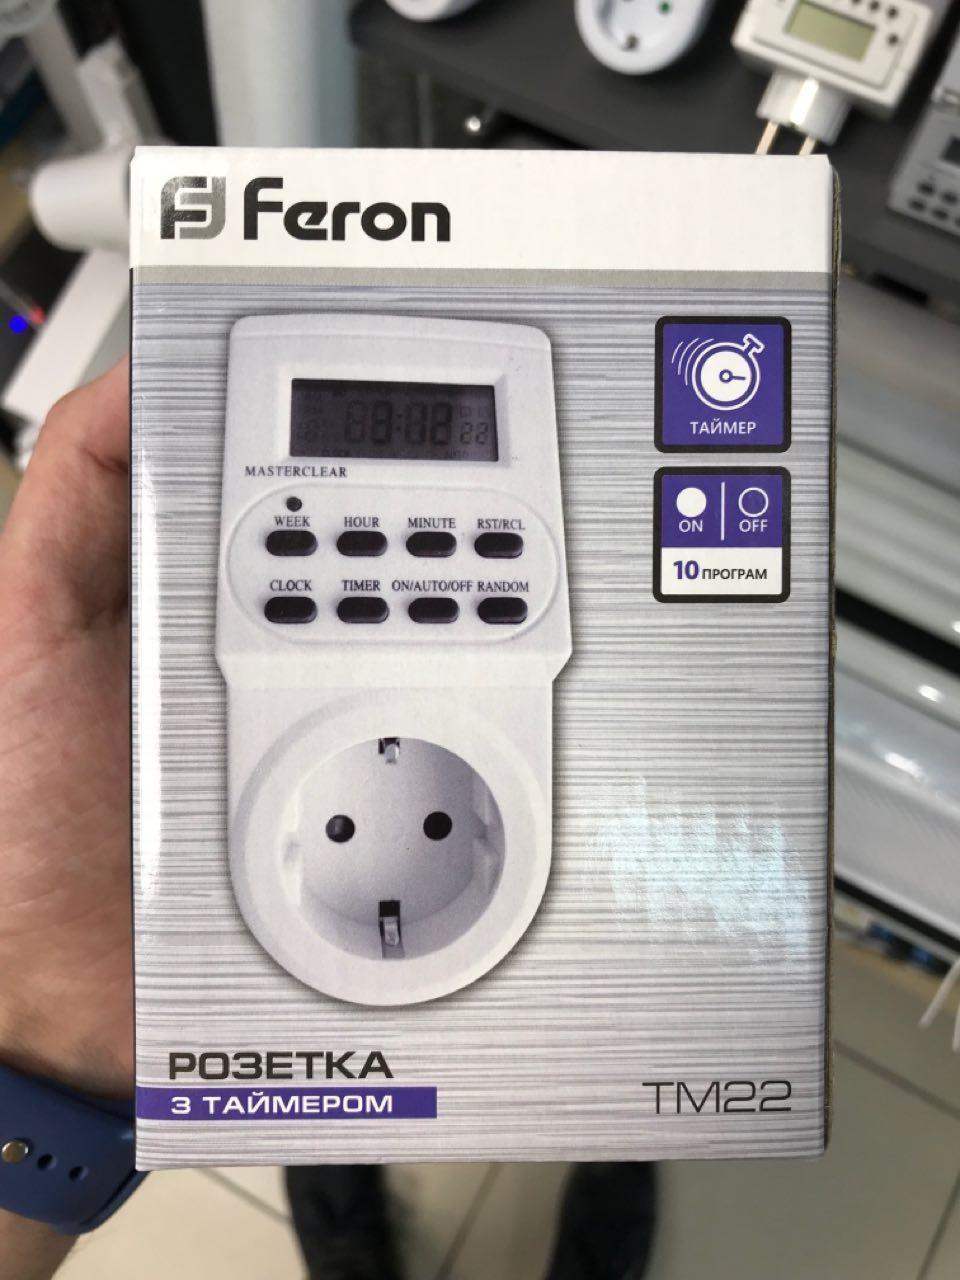 Feron TM22 (электронная розетка с таймером ферон ТМ22)